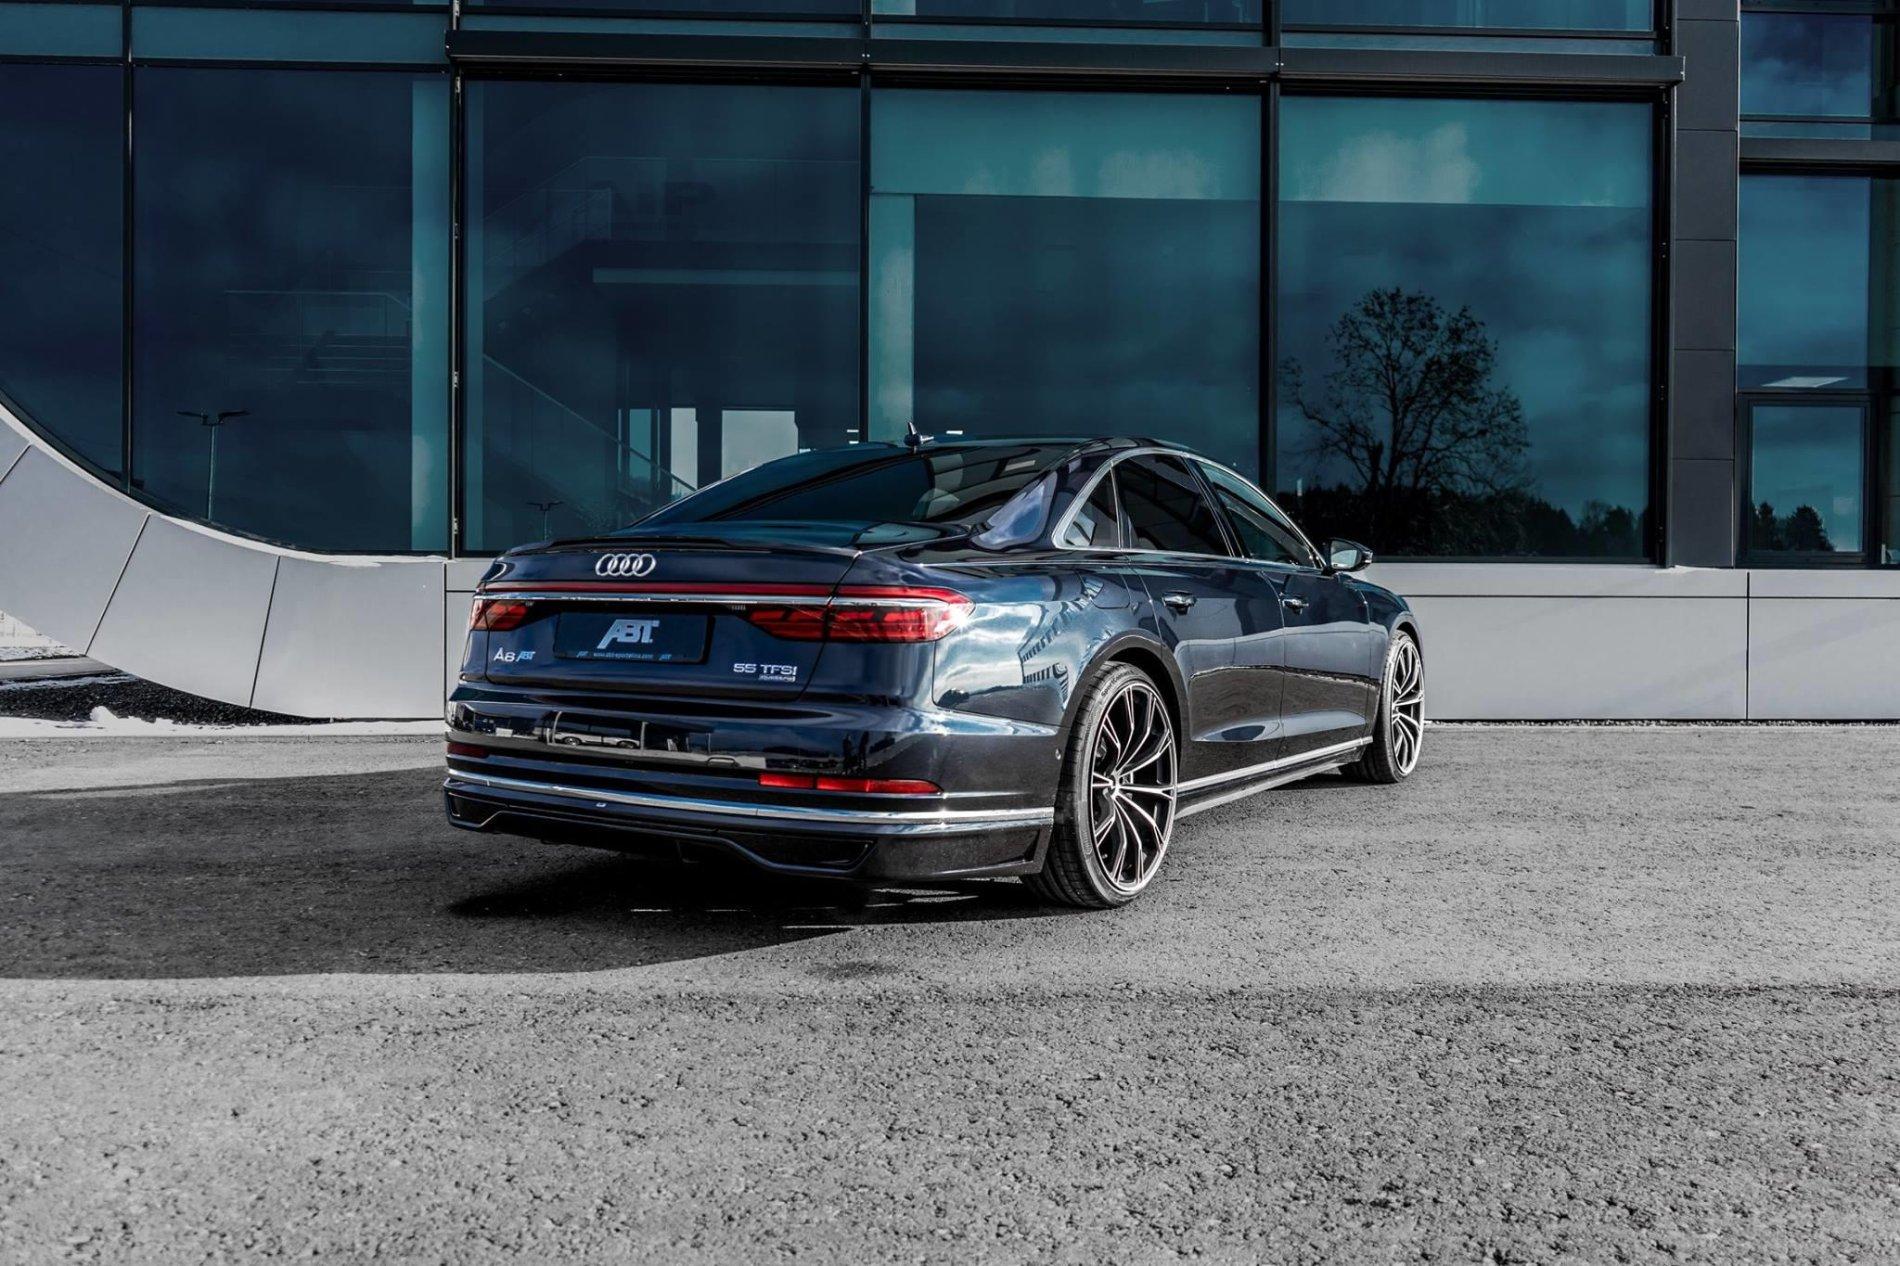 Audi A8 de la ABT - Audi A8 de la ABT